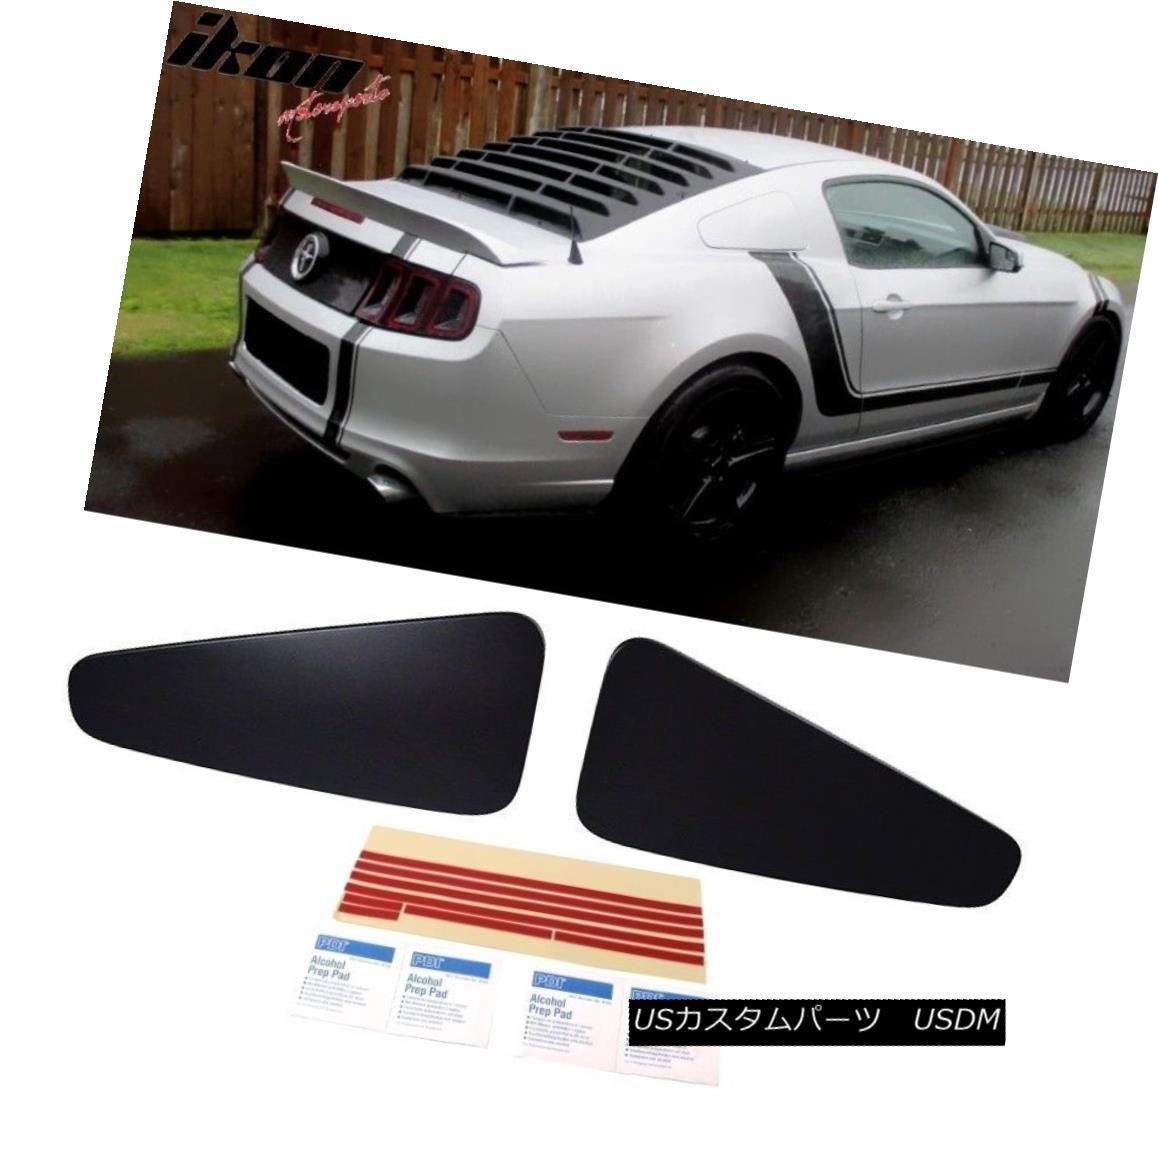 エアロパーツ 10-14 Ford Mustang Rear Quarter Window Louver Covers - Painted Matte Black 10-14 Ford Mustangリアクォーターウインドウルーバーカバー - ペイントマットブラック